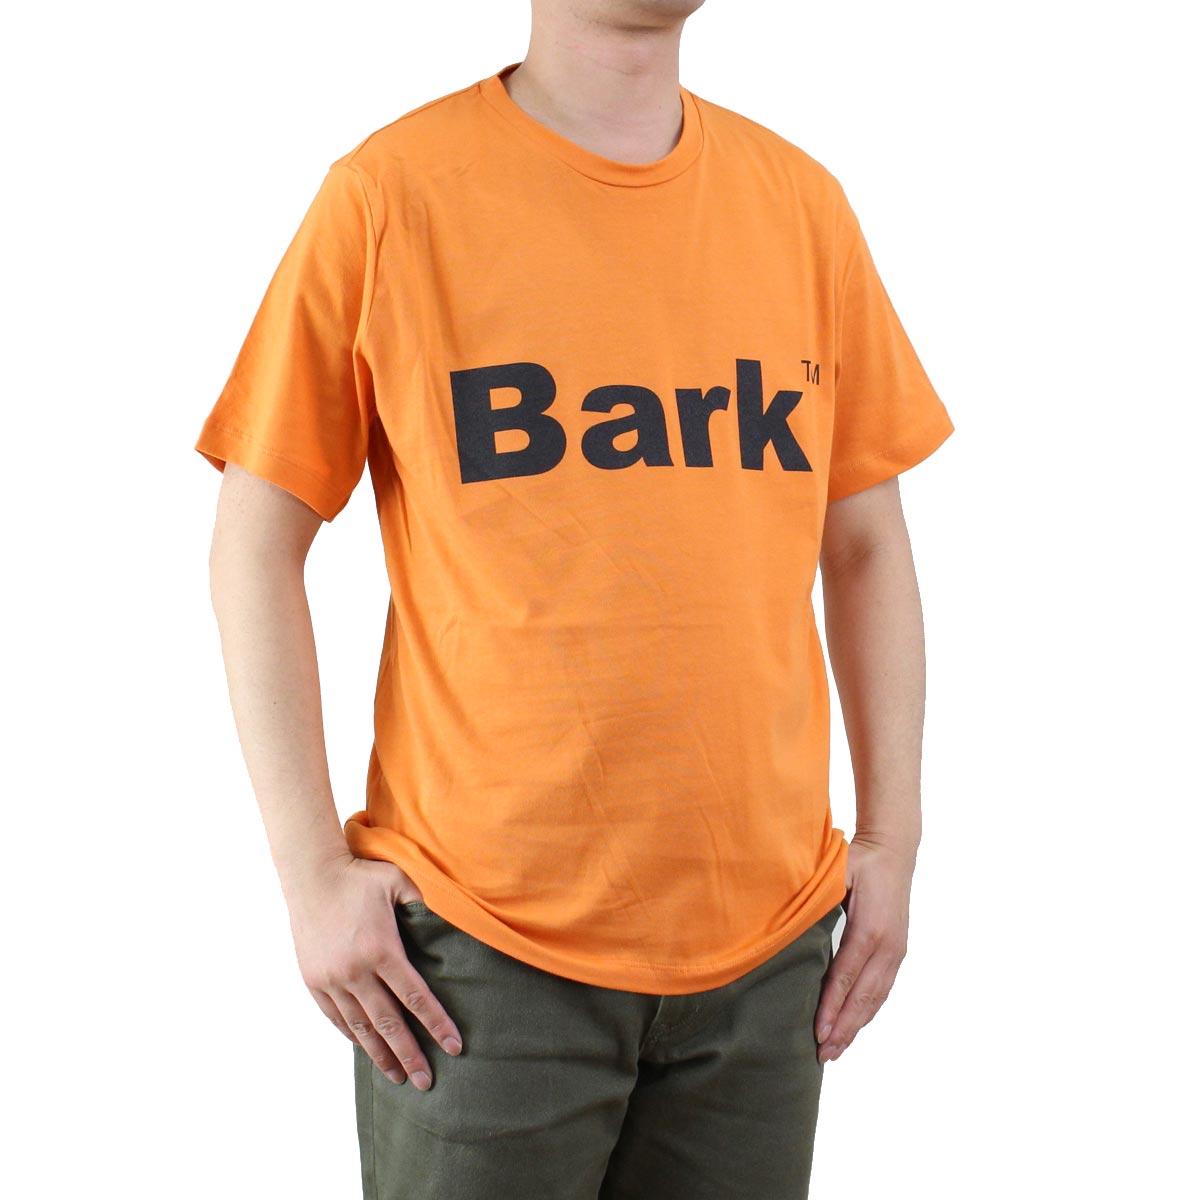 バーク Bark  メンズ クルーネック 半袖 ロゴ Tシャツ 71B8715 258 ORANGE  メンズ ティーシャツ ティーシャツ T shirt OLS-4  ts-01